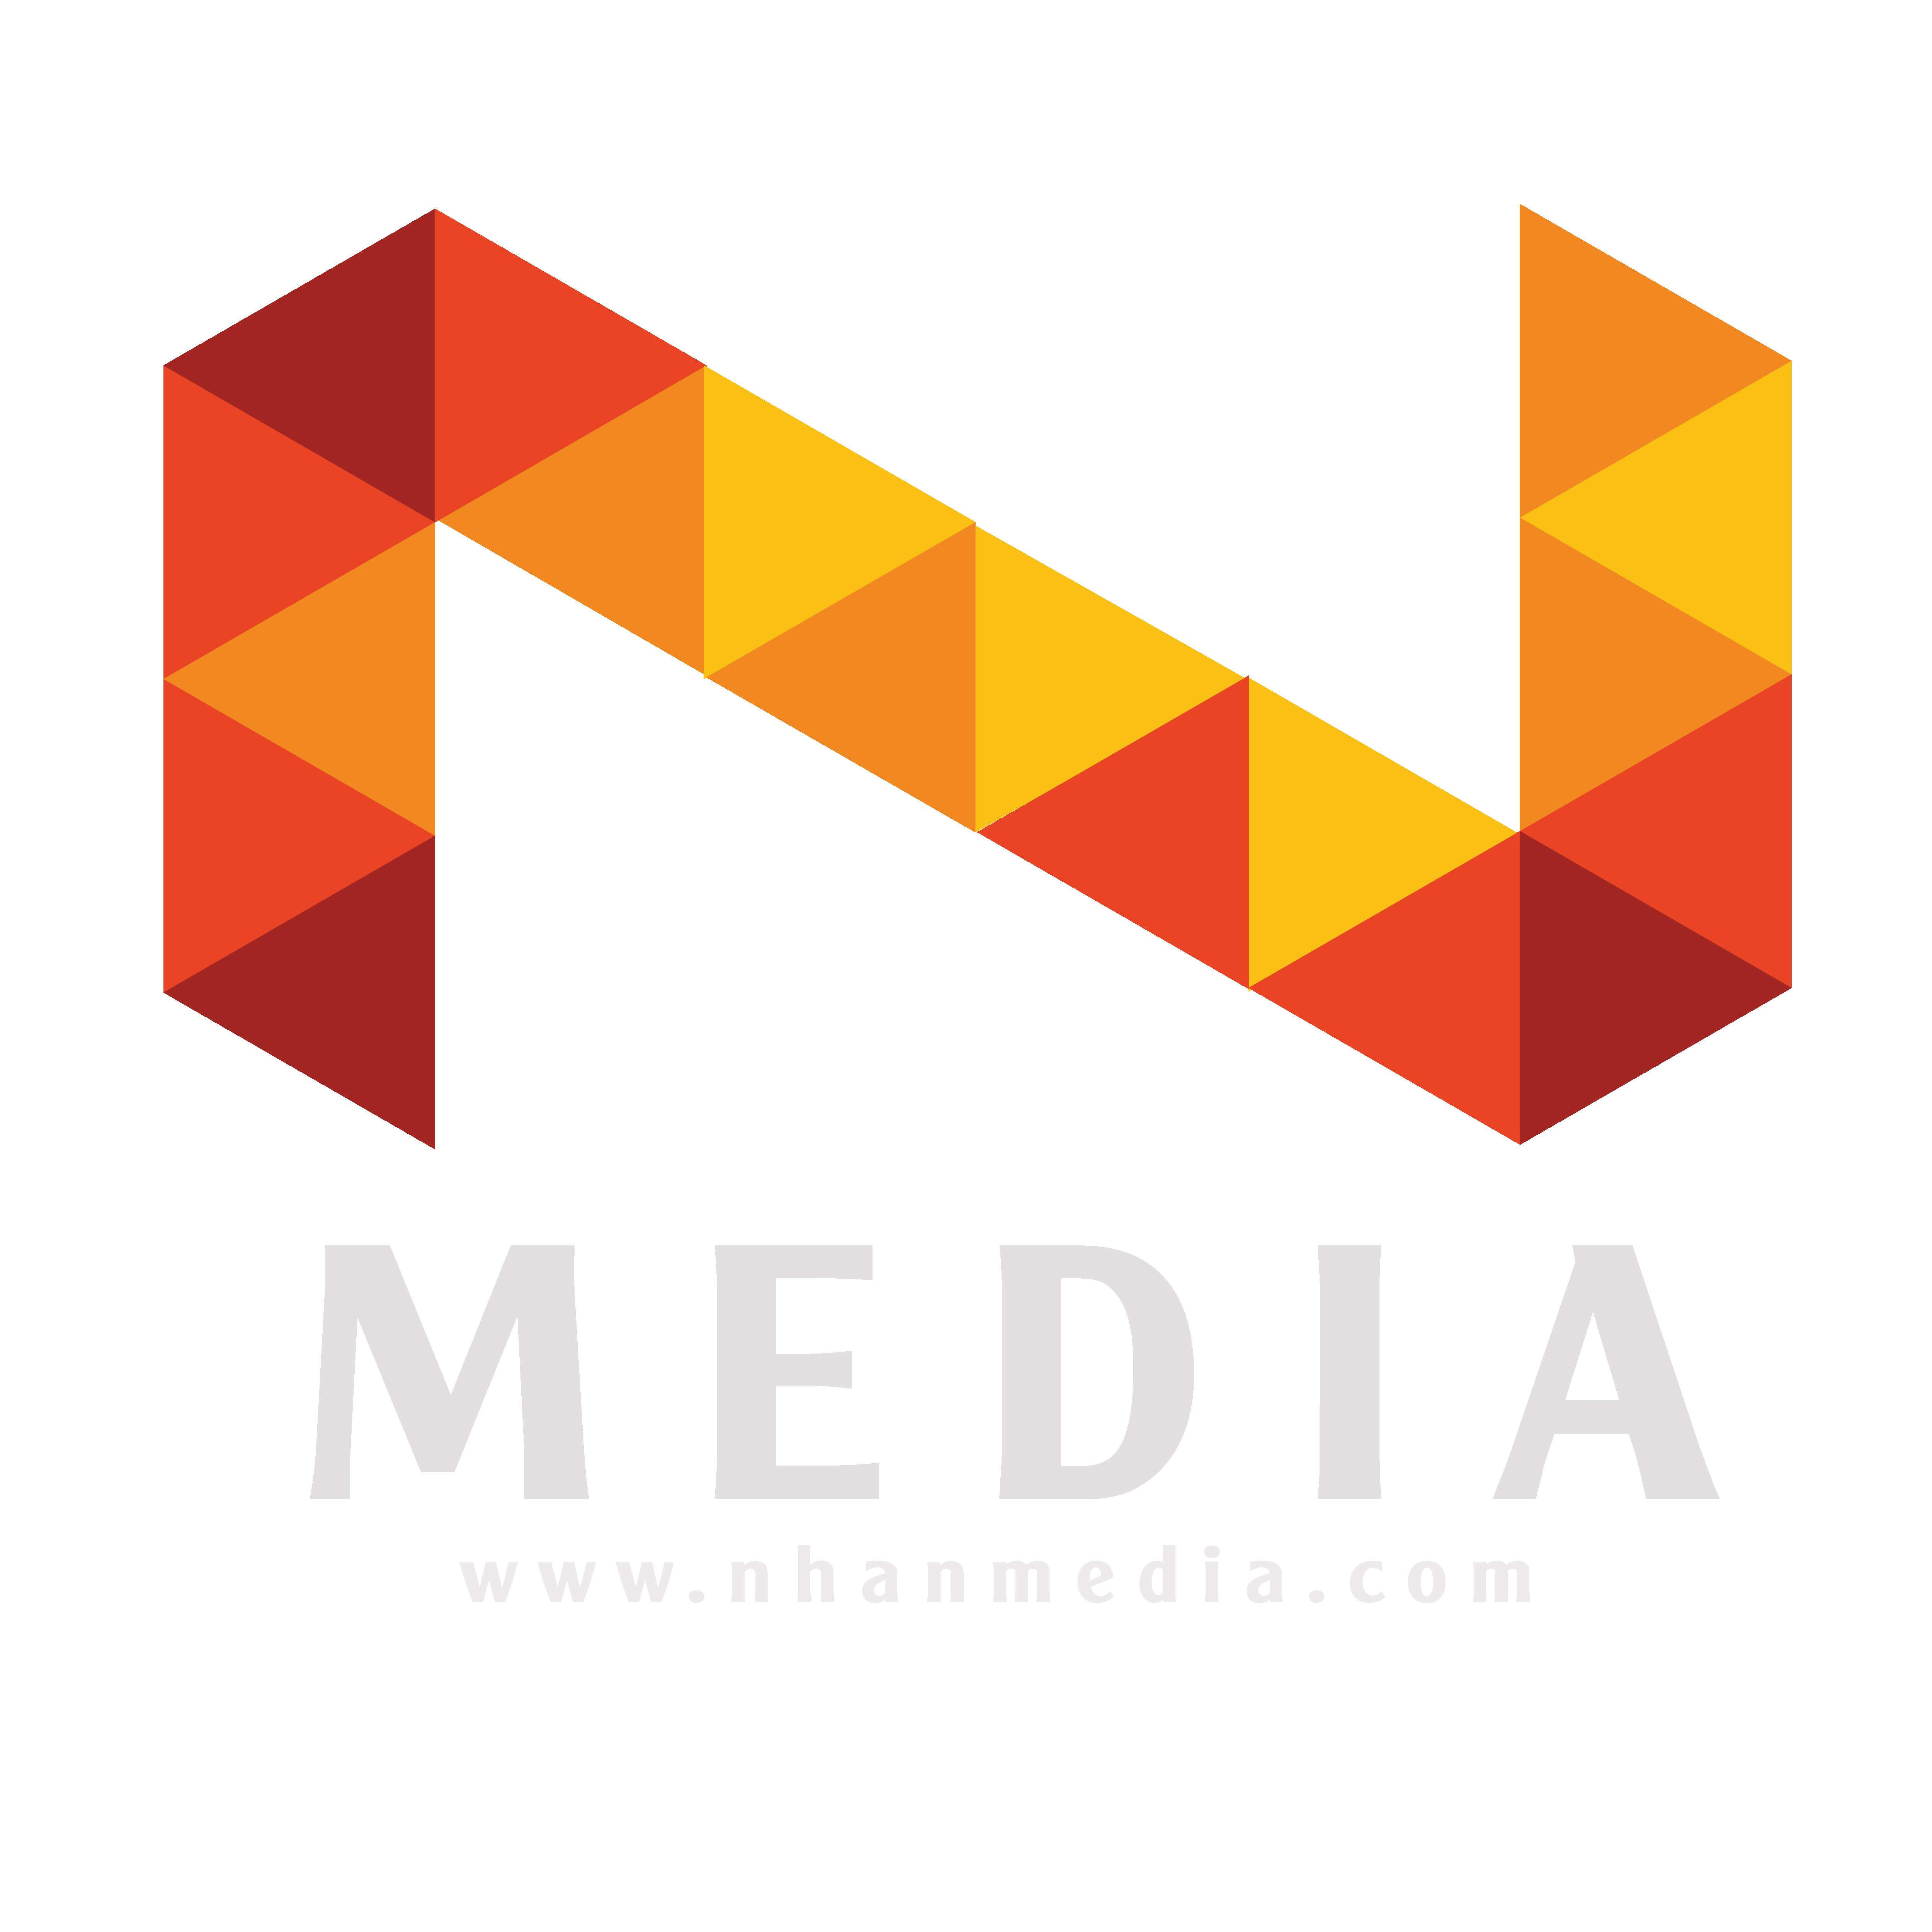 Nhân Media